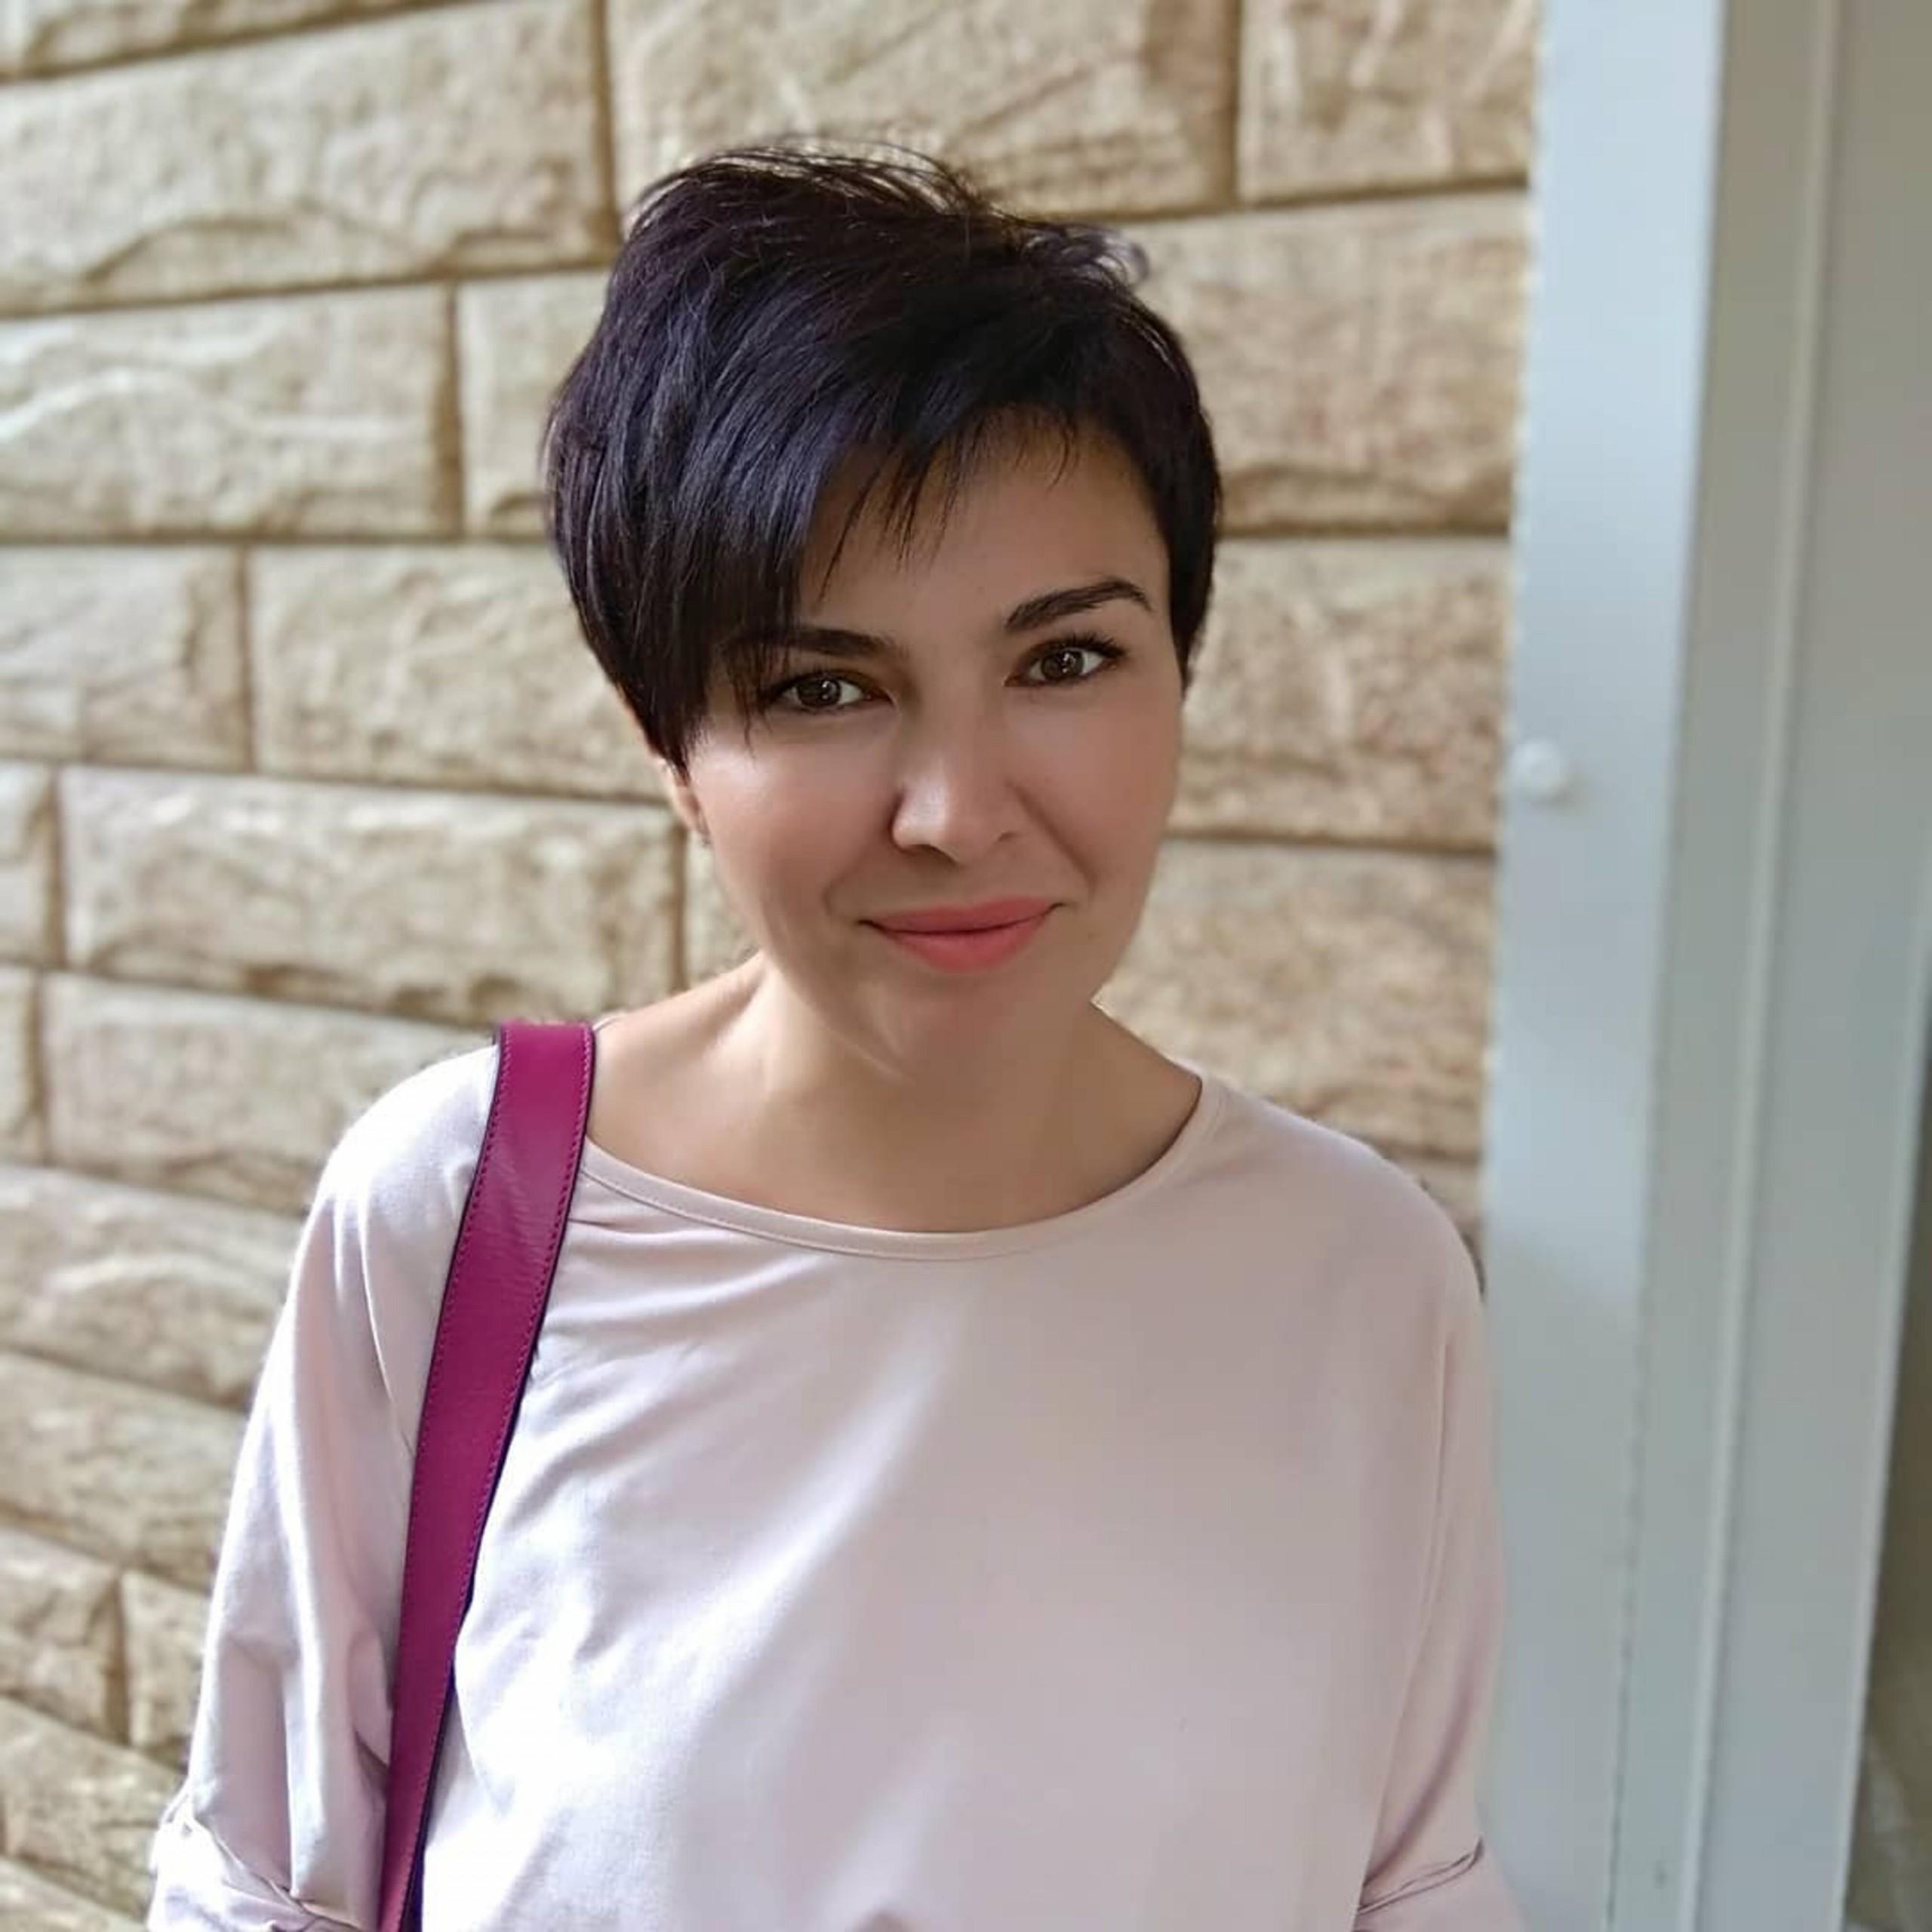 A choppy pixie haircut for short hair.